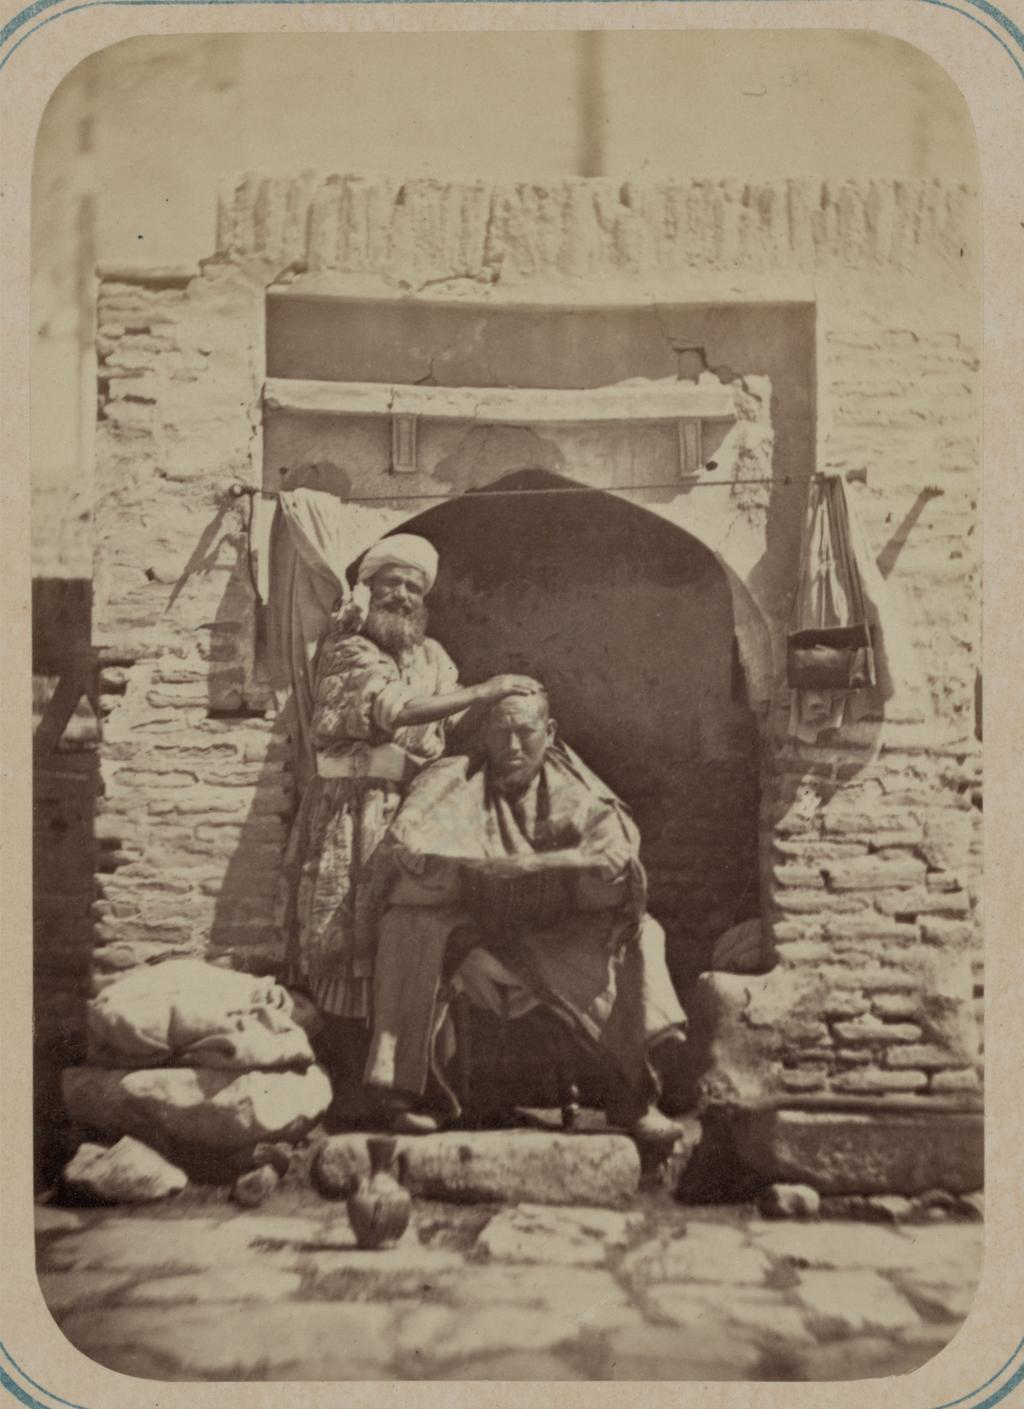 Самаркандский базар и типы торговцев. Цирюльник